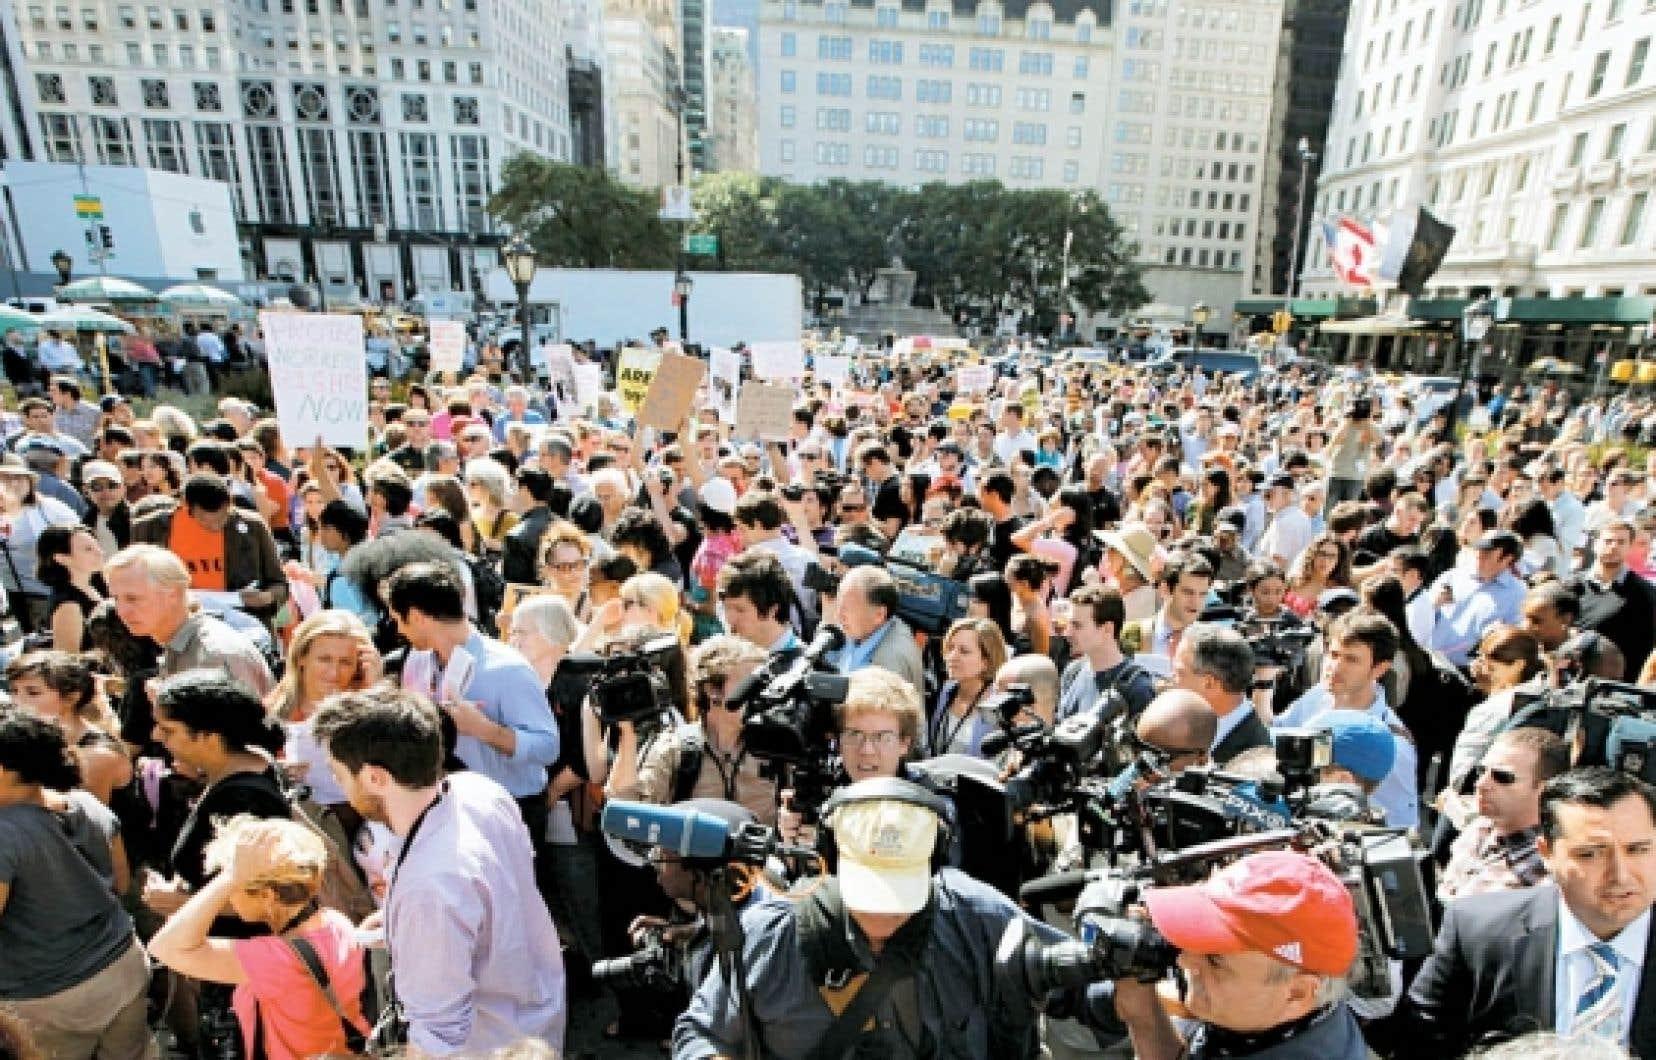 Les indignés de Wall Street dans la 5e avenue à New York, cette semaine, un mouvement qui prend de l'ampleur en Amérique du Nord et qui traduit le ras-le-bol généralisé devant les dérives du capitalisme. Le germe d'une révolution?<br />